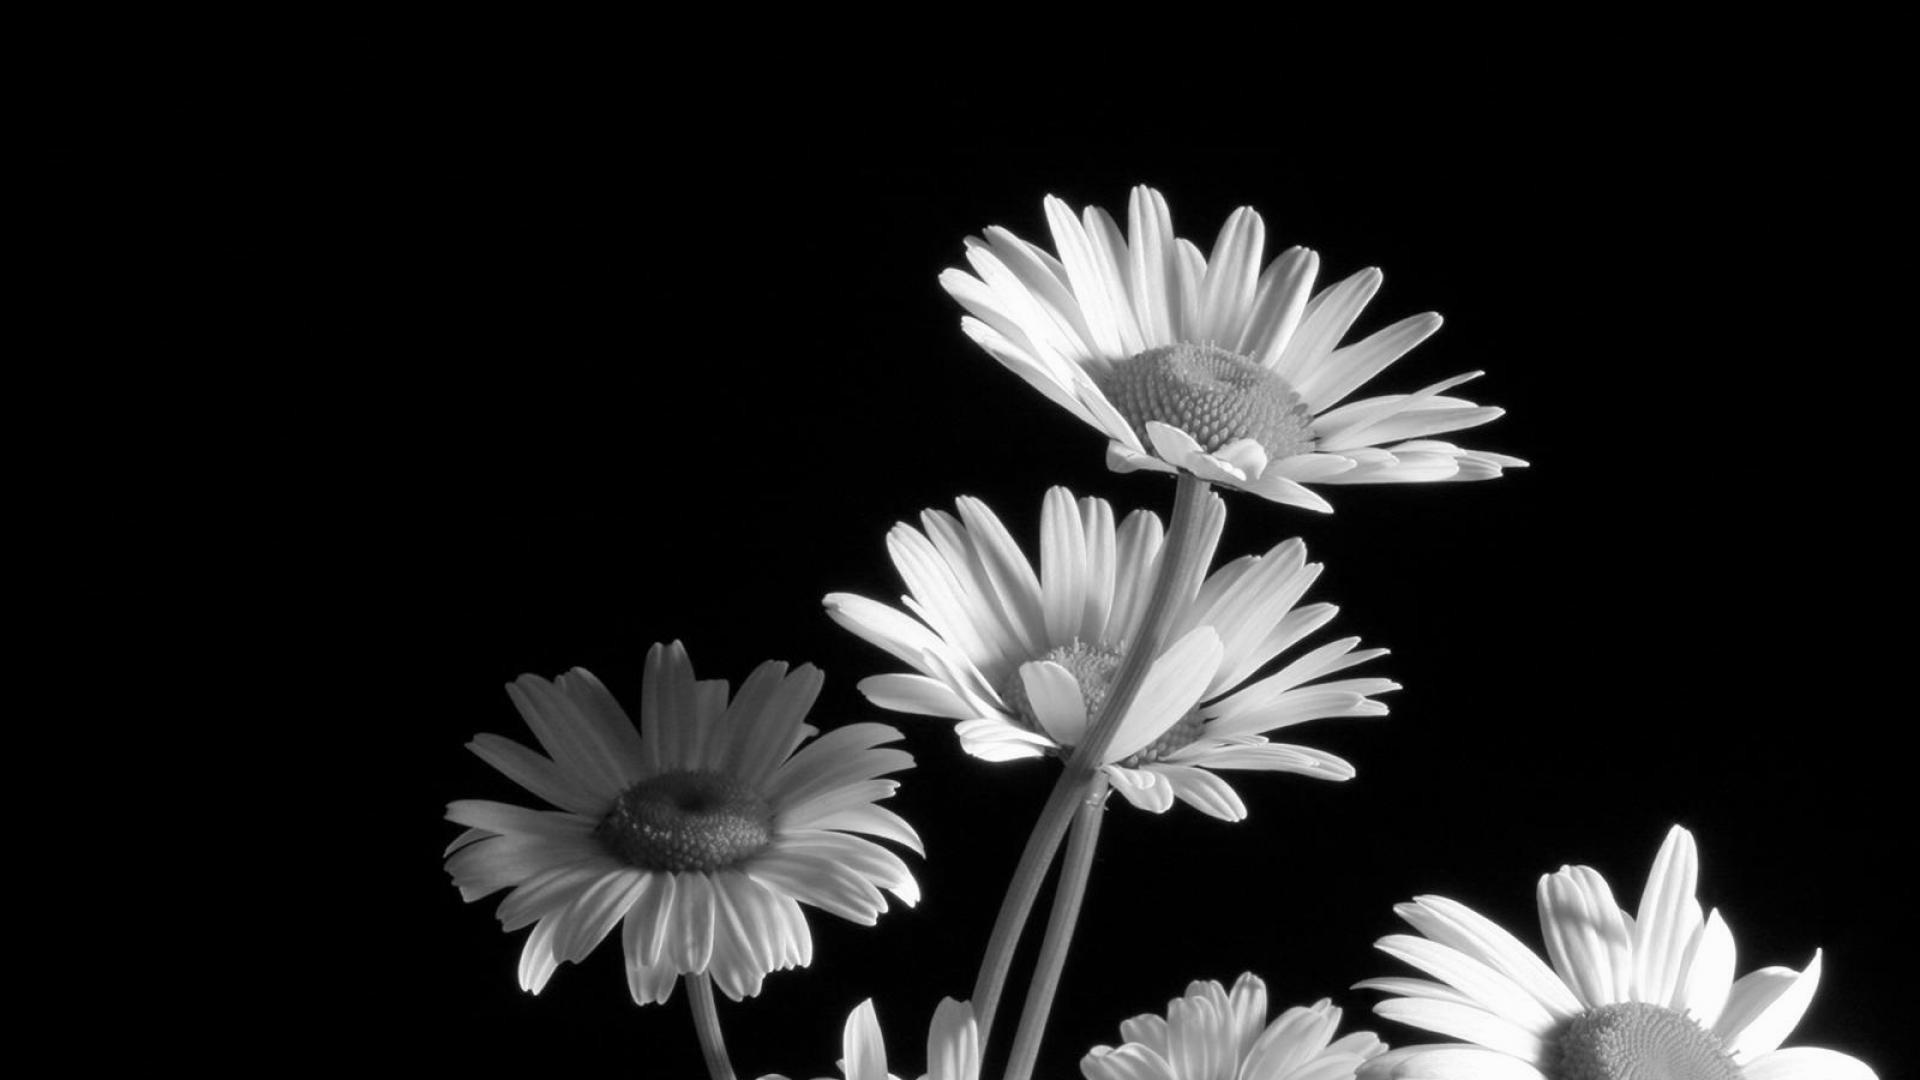 blanc hd papier peint fleur noir